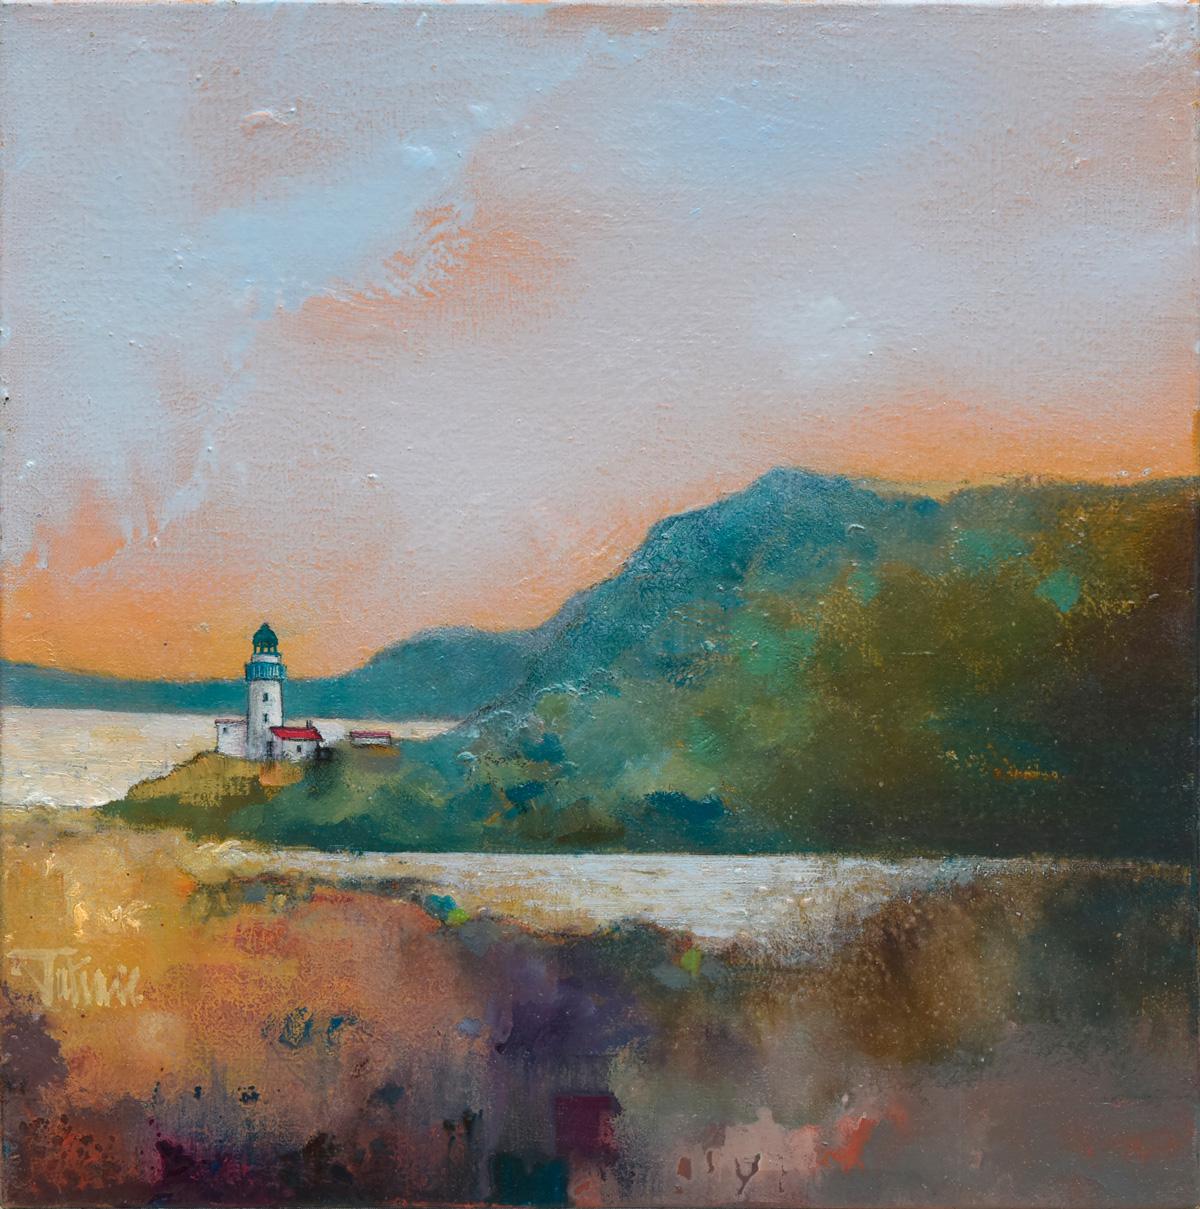 BOWMORE - Huile sur Toile de 40x40cm - Peintre Frédéric Latrace